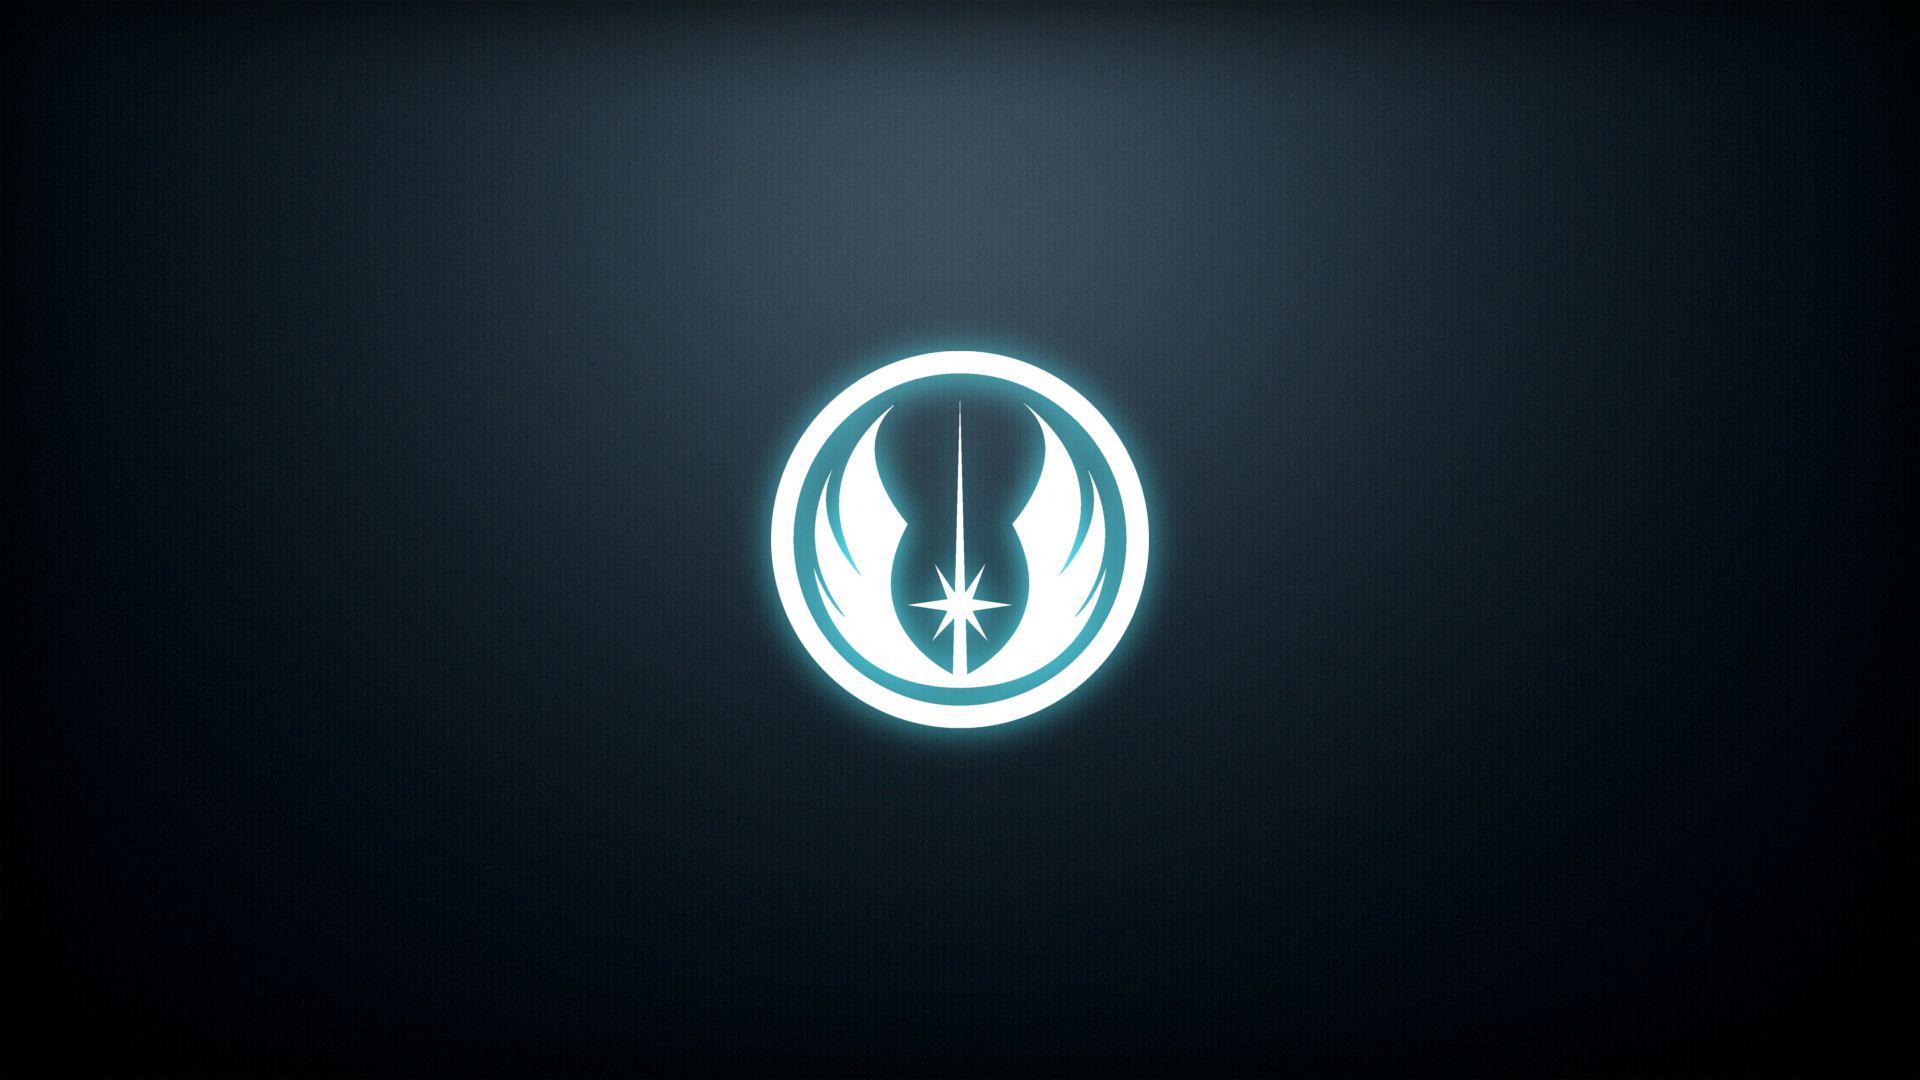 ... - Latest St... Jedi Wallpaper